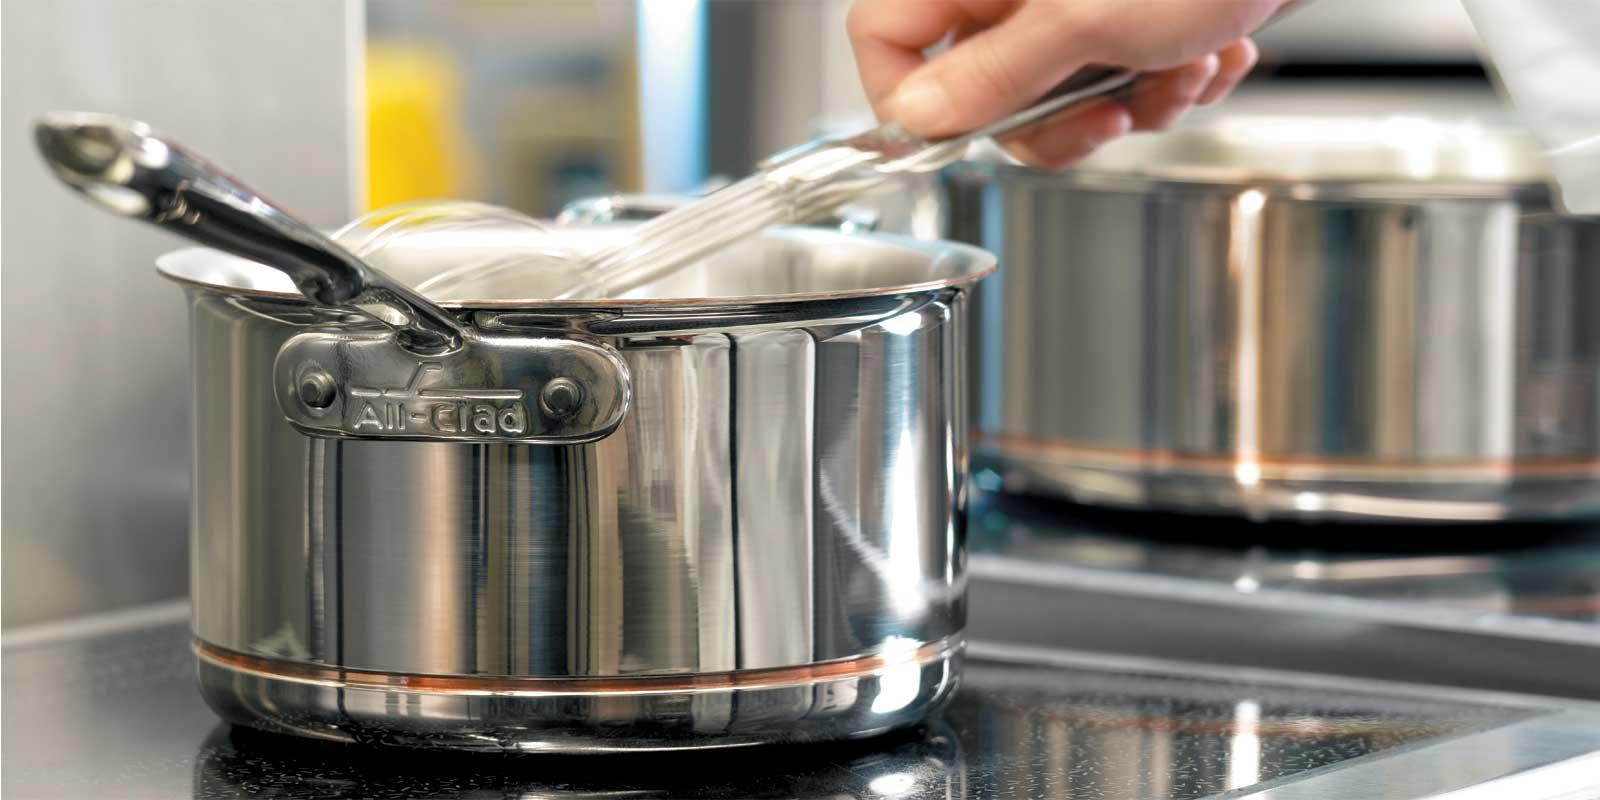 All-Clad Töpfe und Pfannen - Copper-Core® (Kupferkern) Diese Copper-Core®-Serie hat eine fünflagige Metallverbindung mit einem Kupferkern welcher die Wärmeleitfähigkeit und Wärmeverteilung maximiert. Die äußere Schicht ist aus Edelstahl zwecks Reinigung und Haltbarkeit.